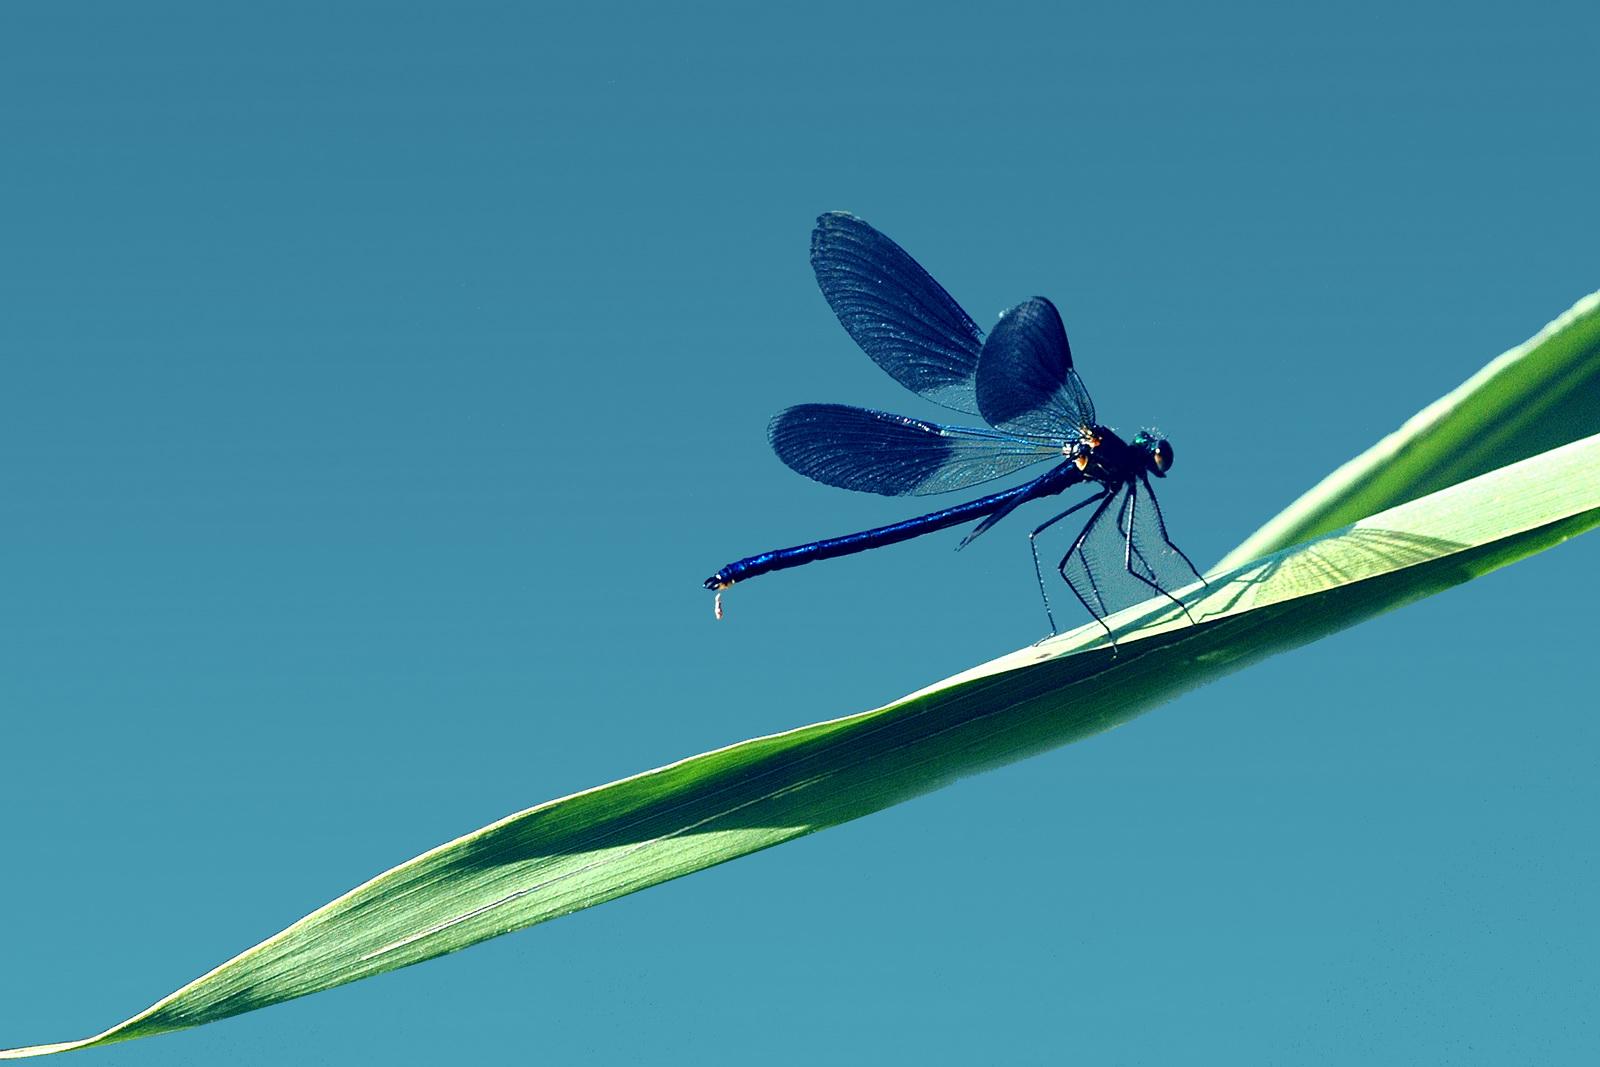 Elicottero E Libellula : Libellula blu foto immagini animali allo stato